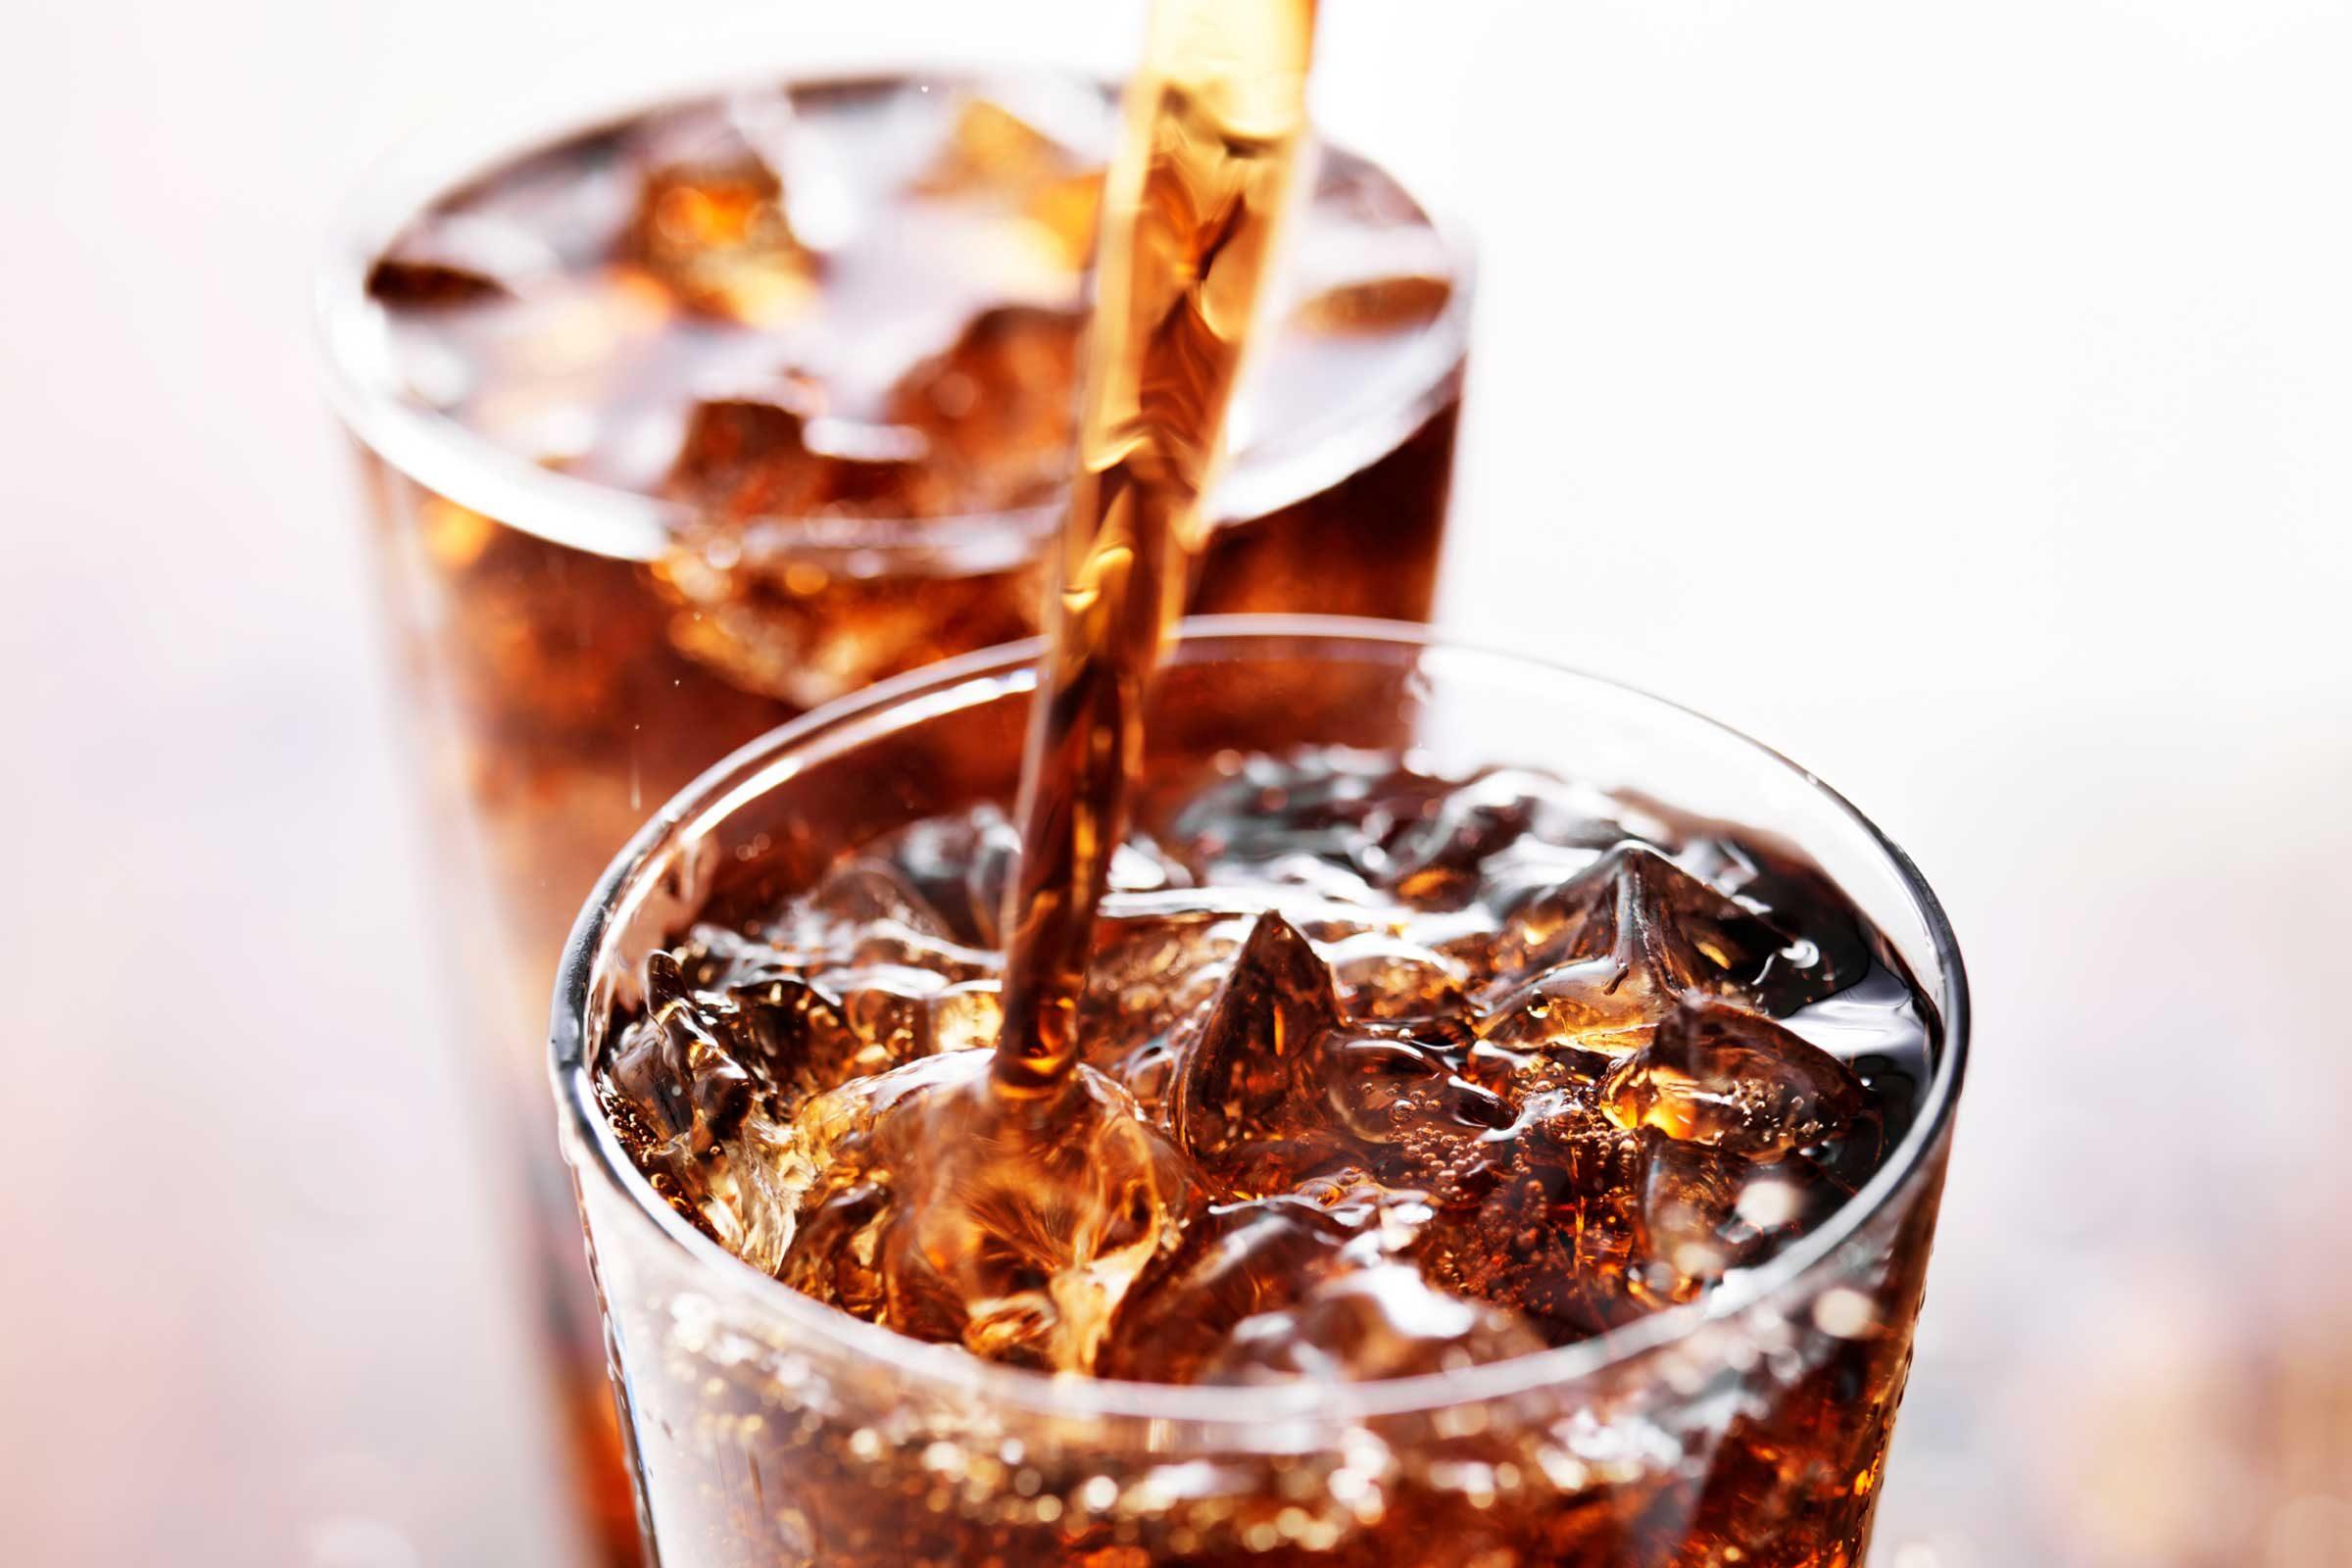 Un soda et le corps pourrait amasser trois fois plus de graisse du ventre